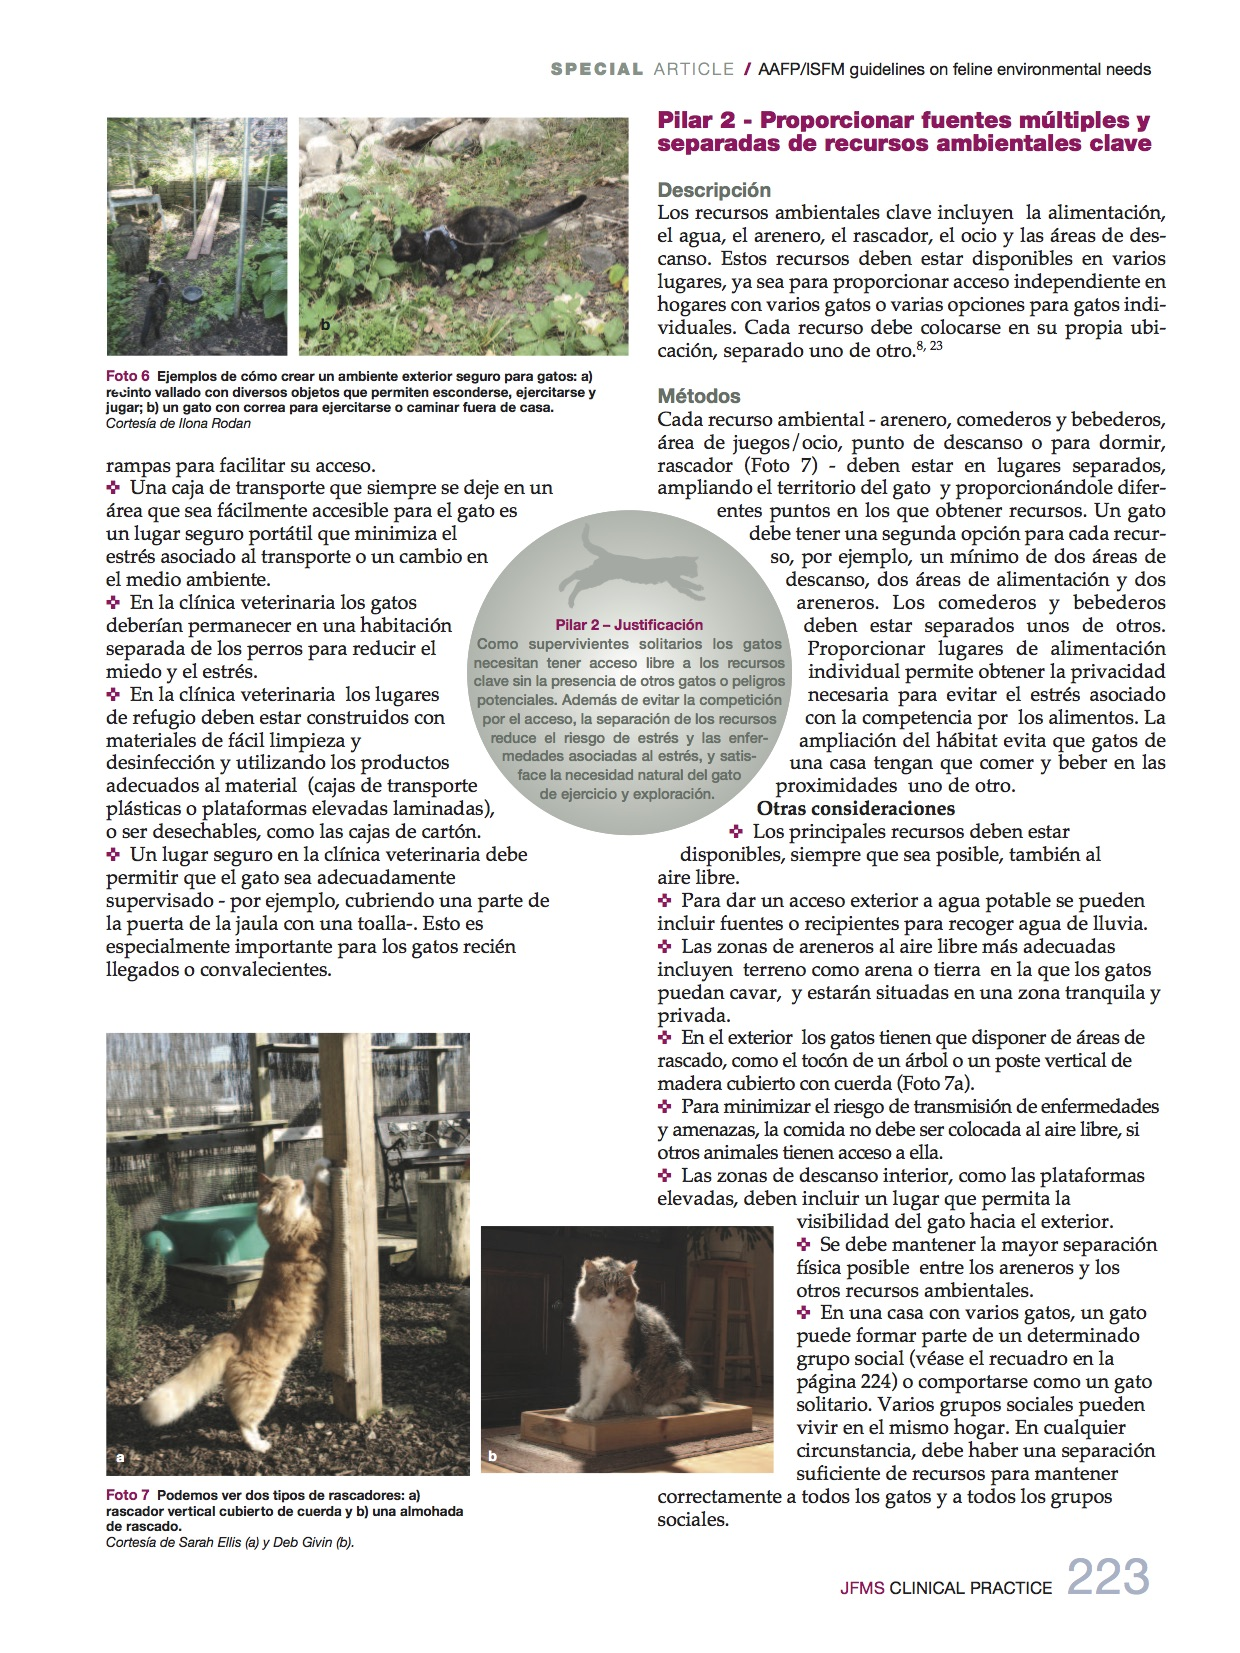 necesidades_medioambientales5_felinas